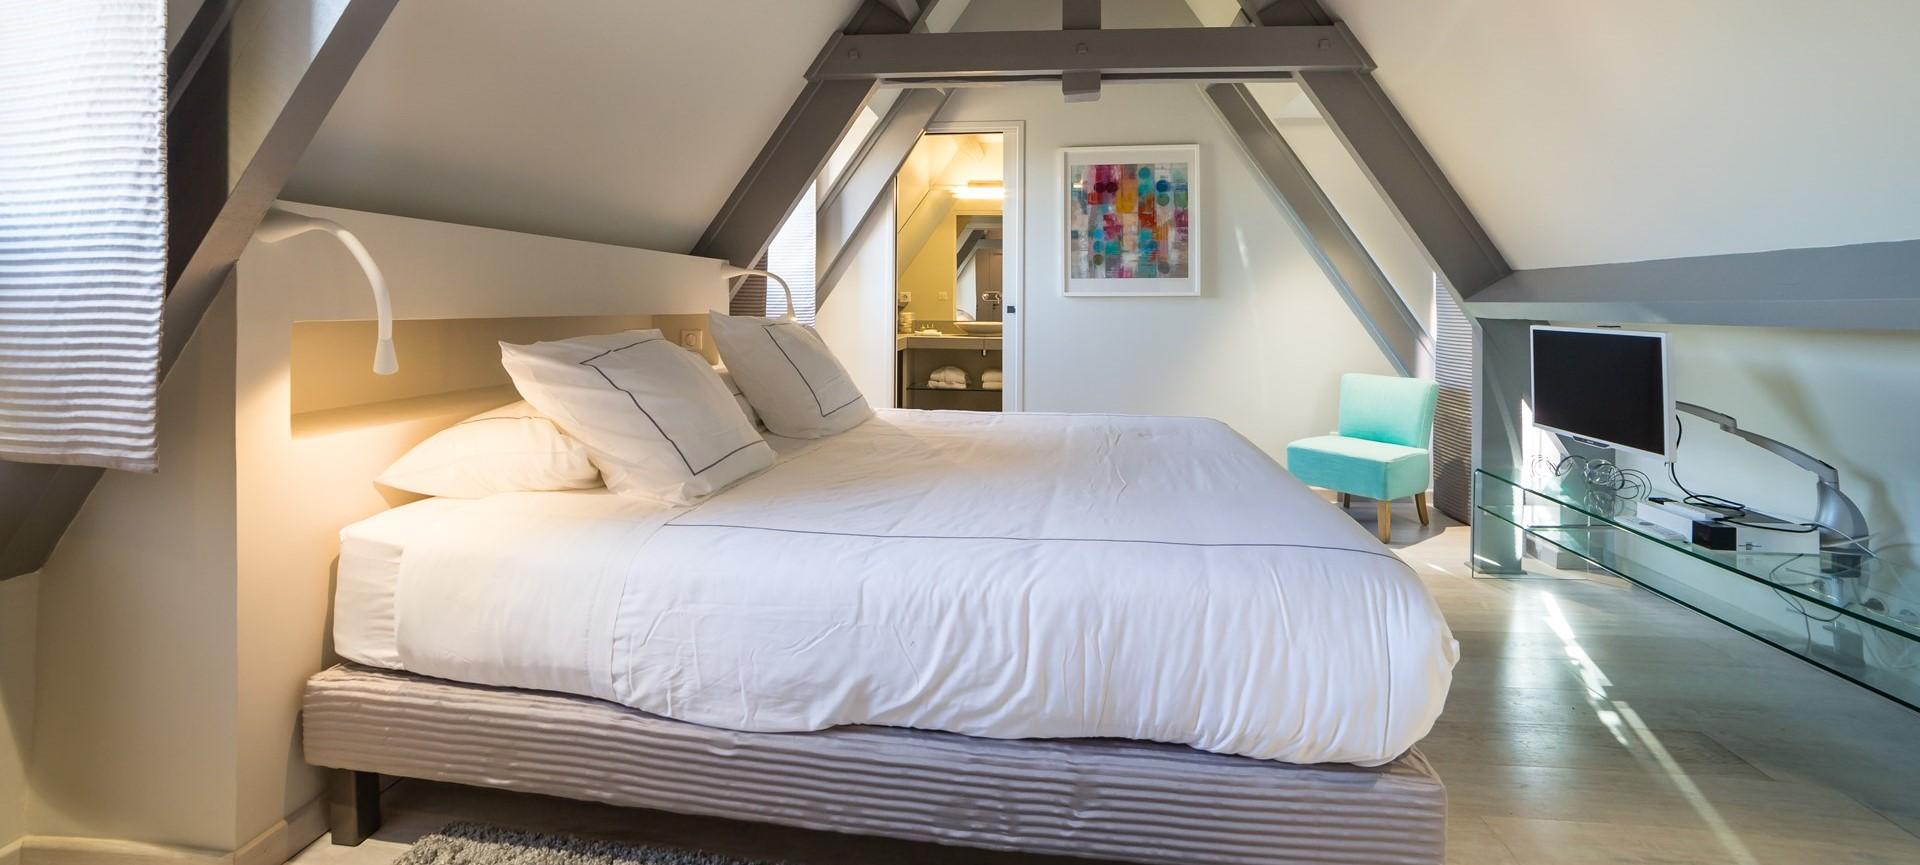 villa-le-village-double-bedroom1